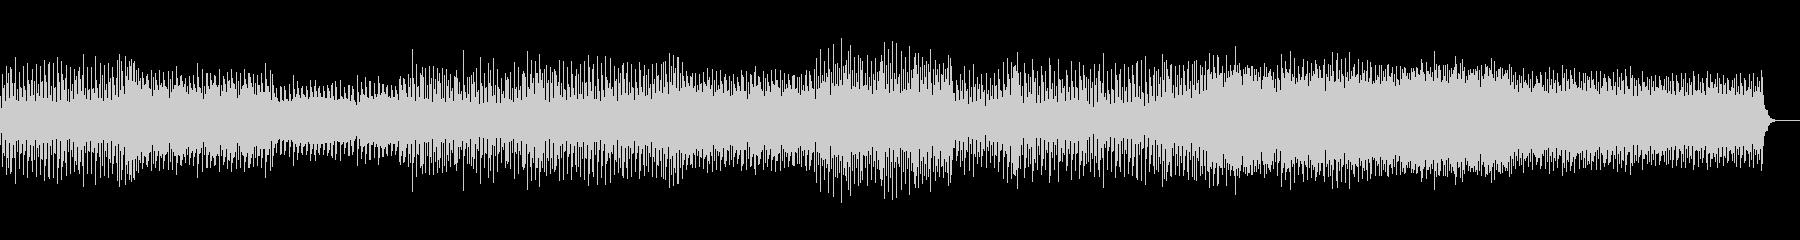 トリッキーで音の広がりがあるテクノの未再生の波形